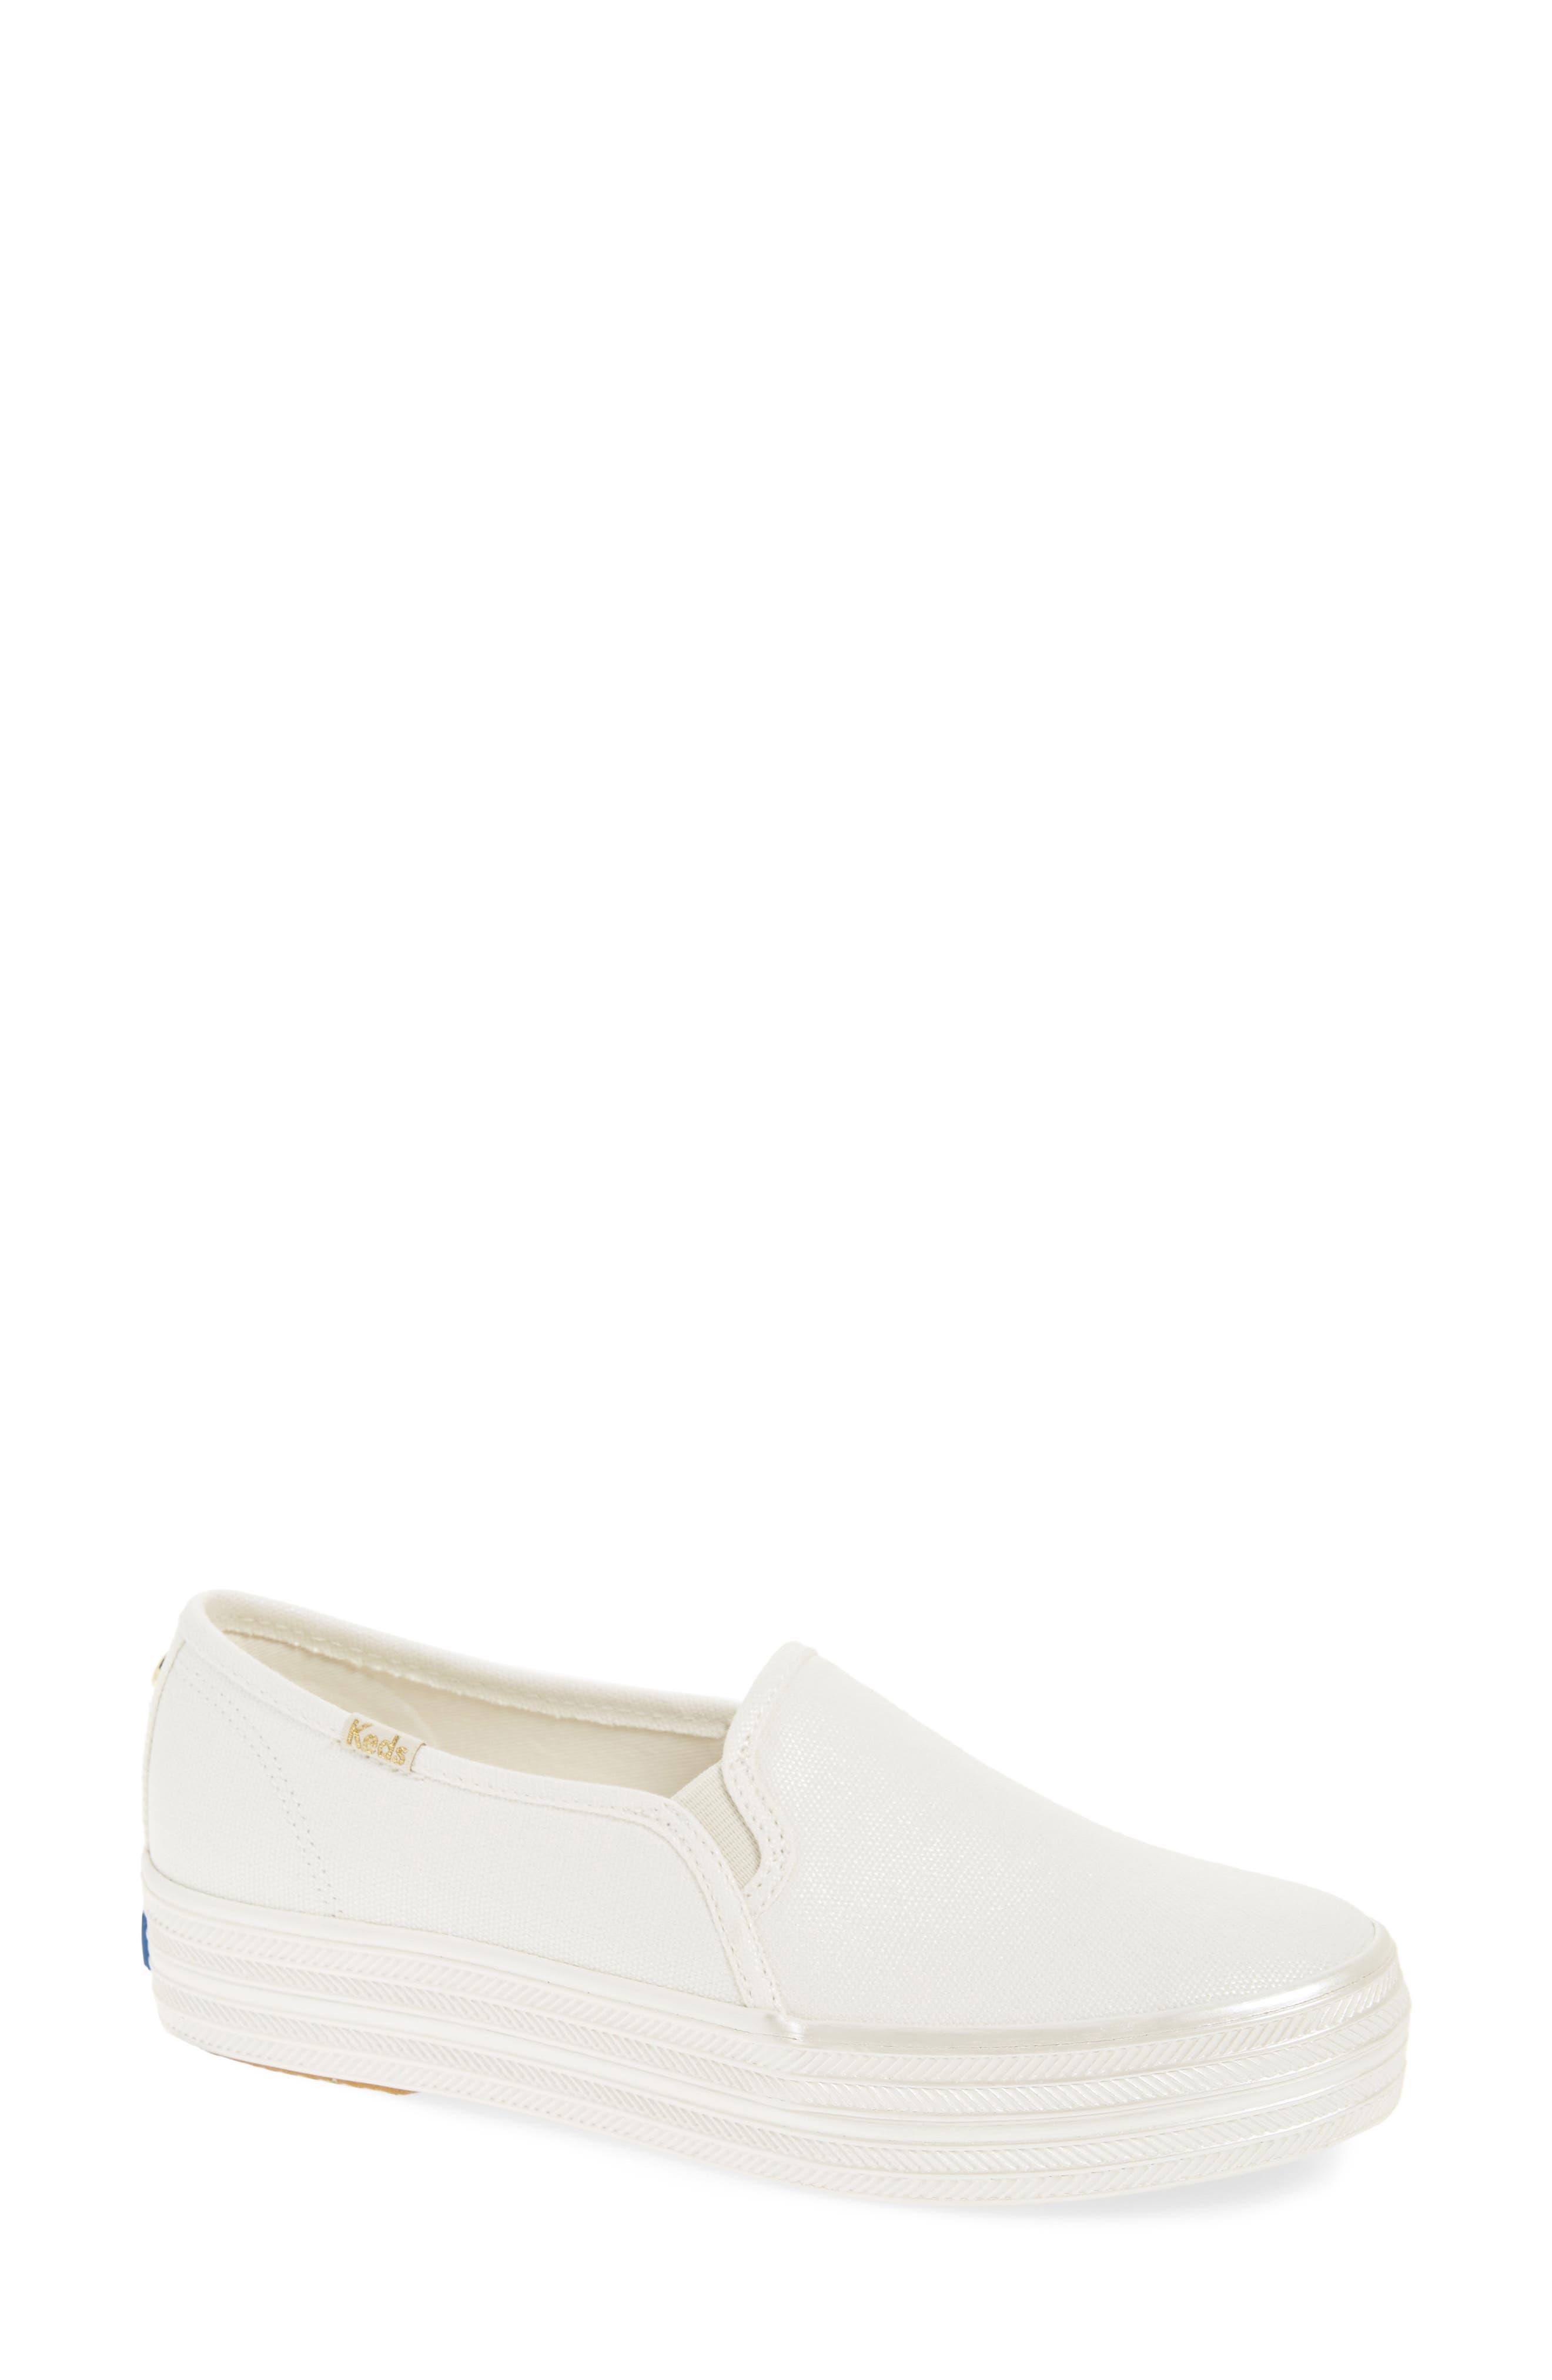 Alternate Image 1 Selected - Keds® for kate spade new york triple decker slip-on platform sneaker (Women)